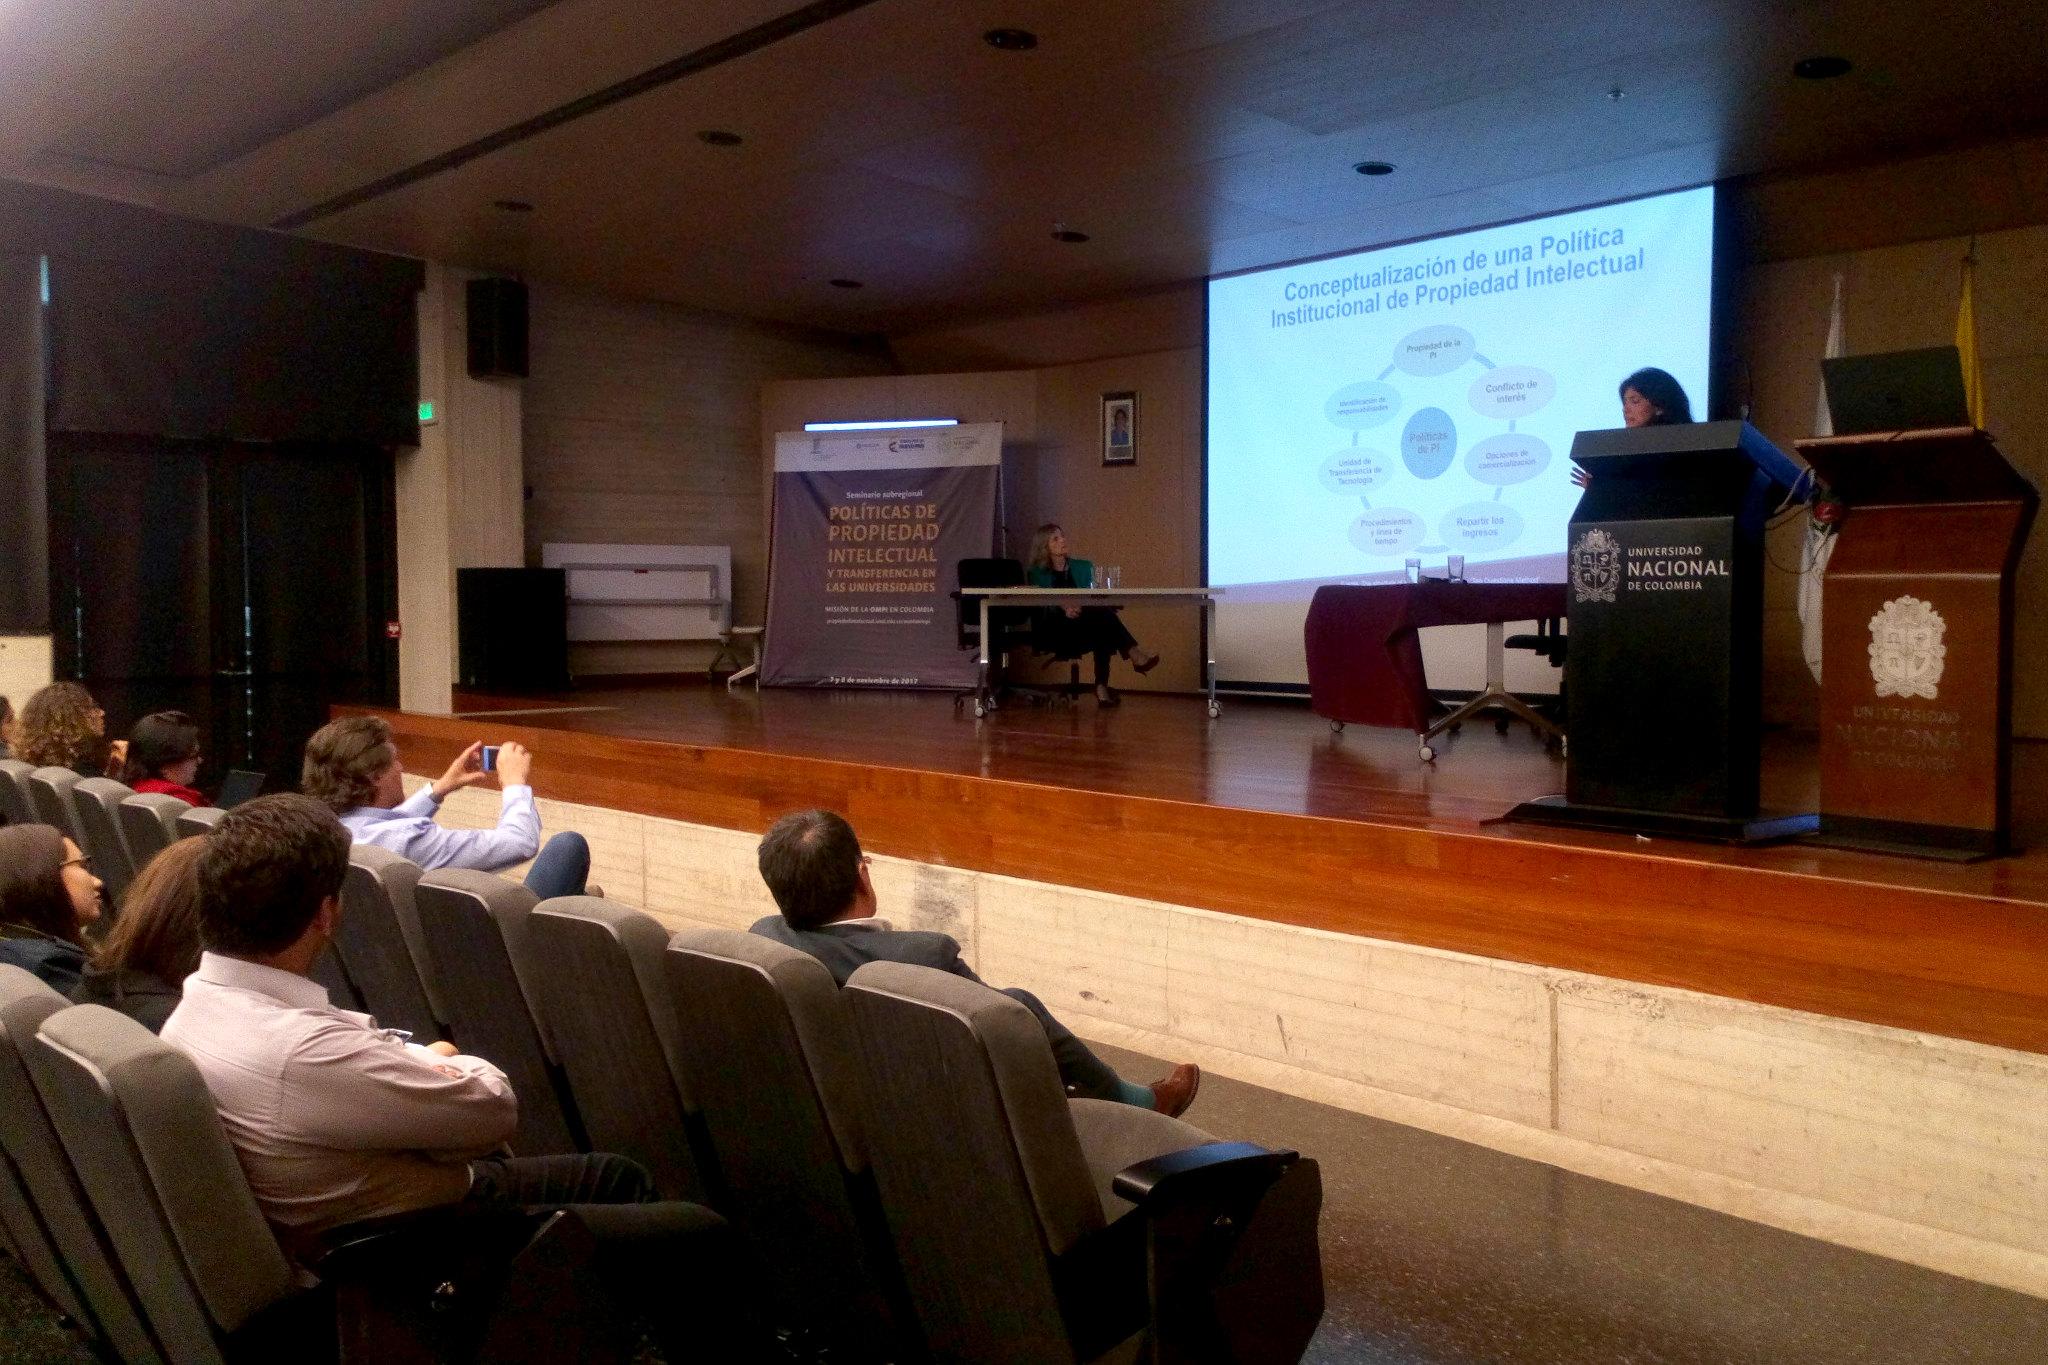 Taller práctico «El desarrollo de una política de Propiedad Intelectual en la universidad» (Foto: Aura Flechas / DNEIPI / Vicerrectoría de Investigación (VRI) - Universidad Nacional de Colombia)